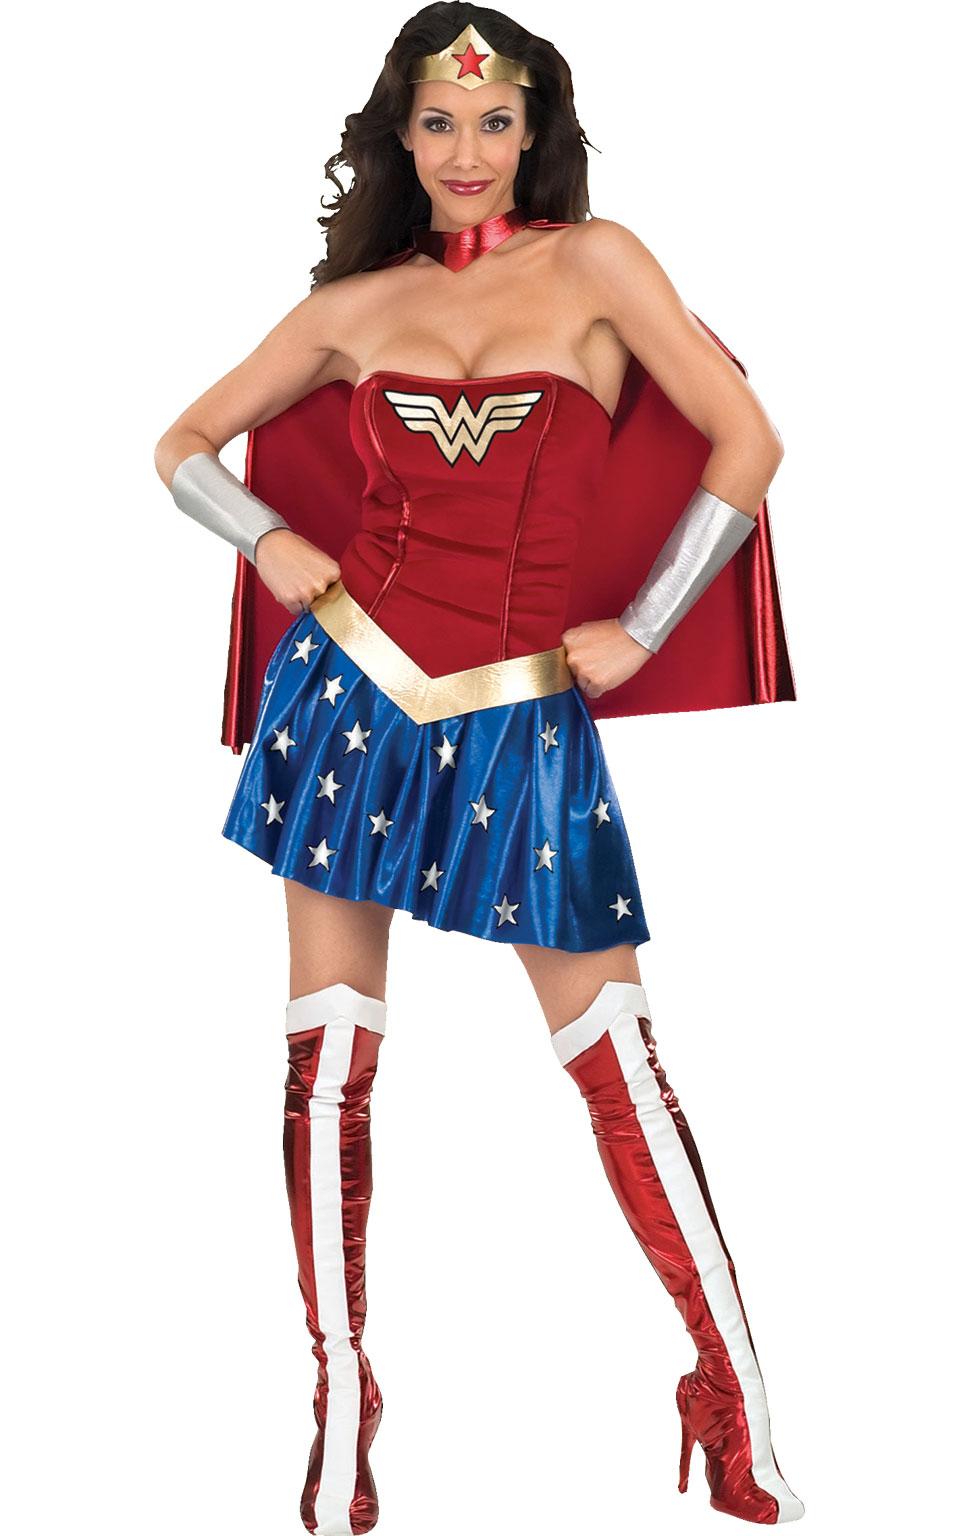 Rubies Kostým Wonderwoman Veľkosť: XS (hruď: 81-86 cm, pás: 55-60 cm)